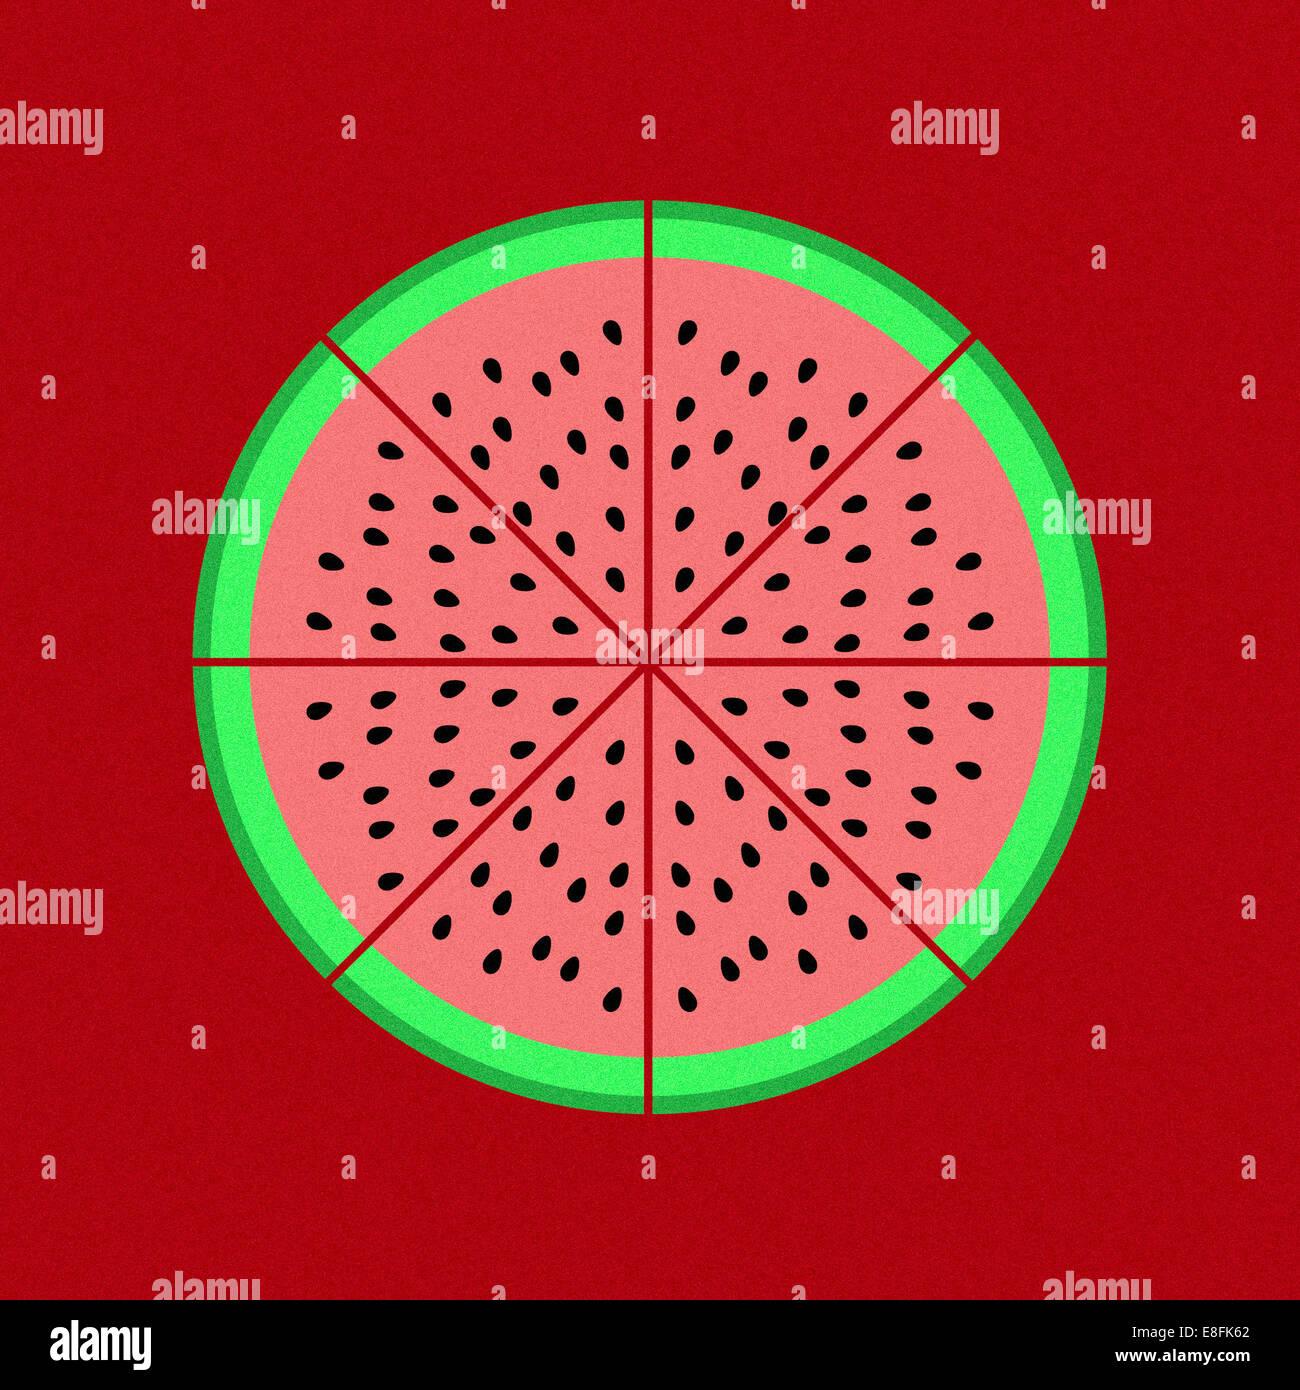 Kreisdiagramm Grafik auf rotem Grund Stockbild